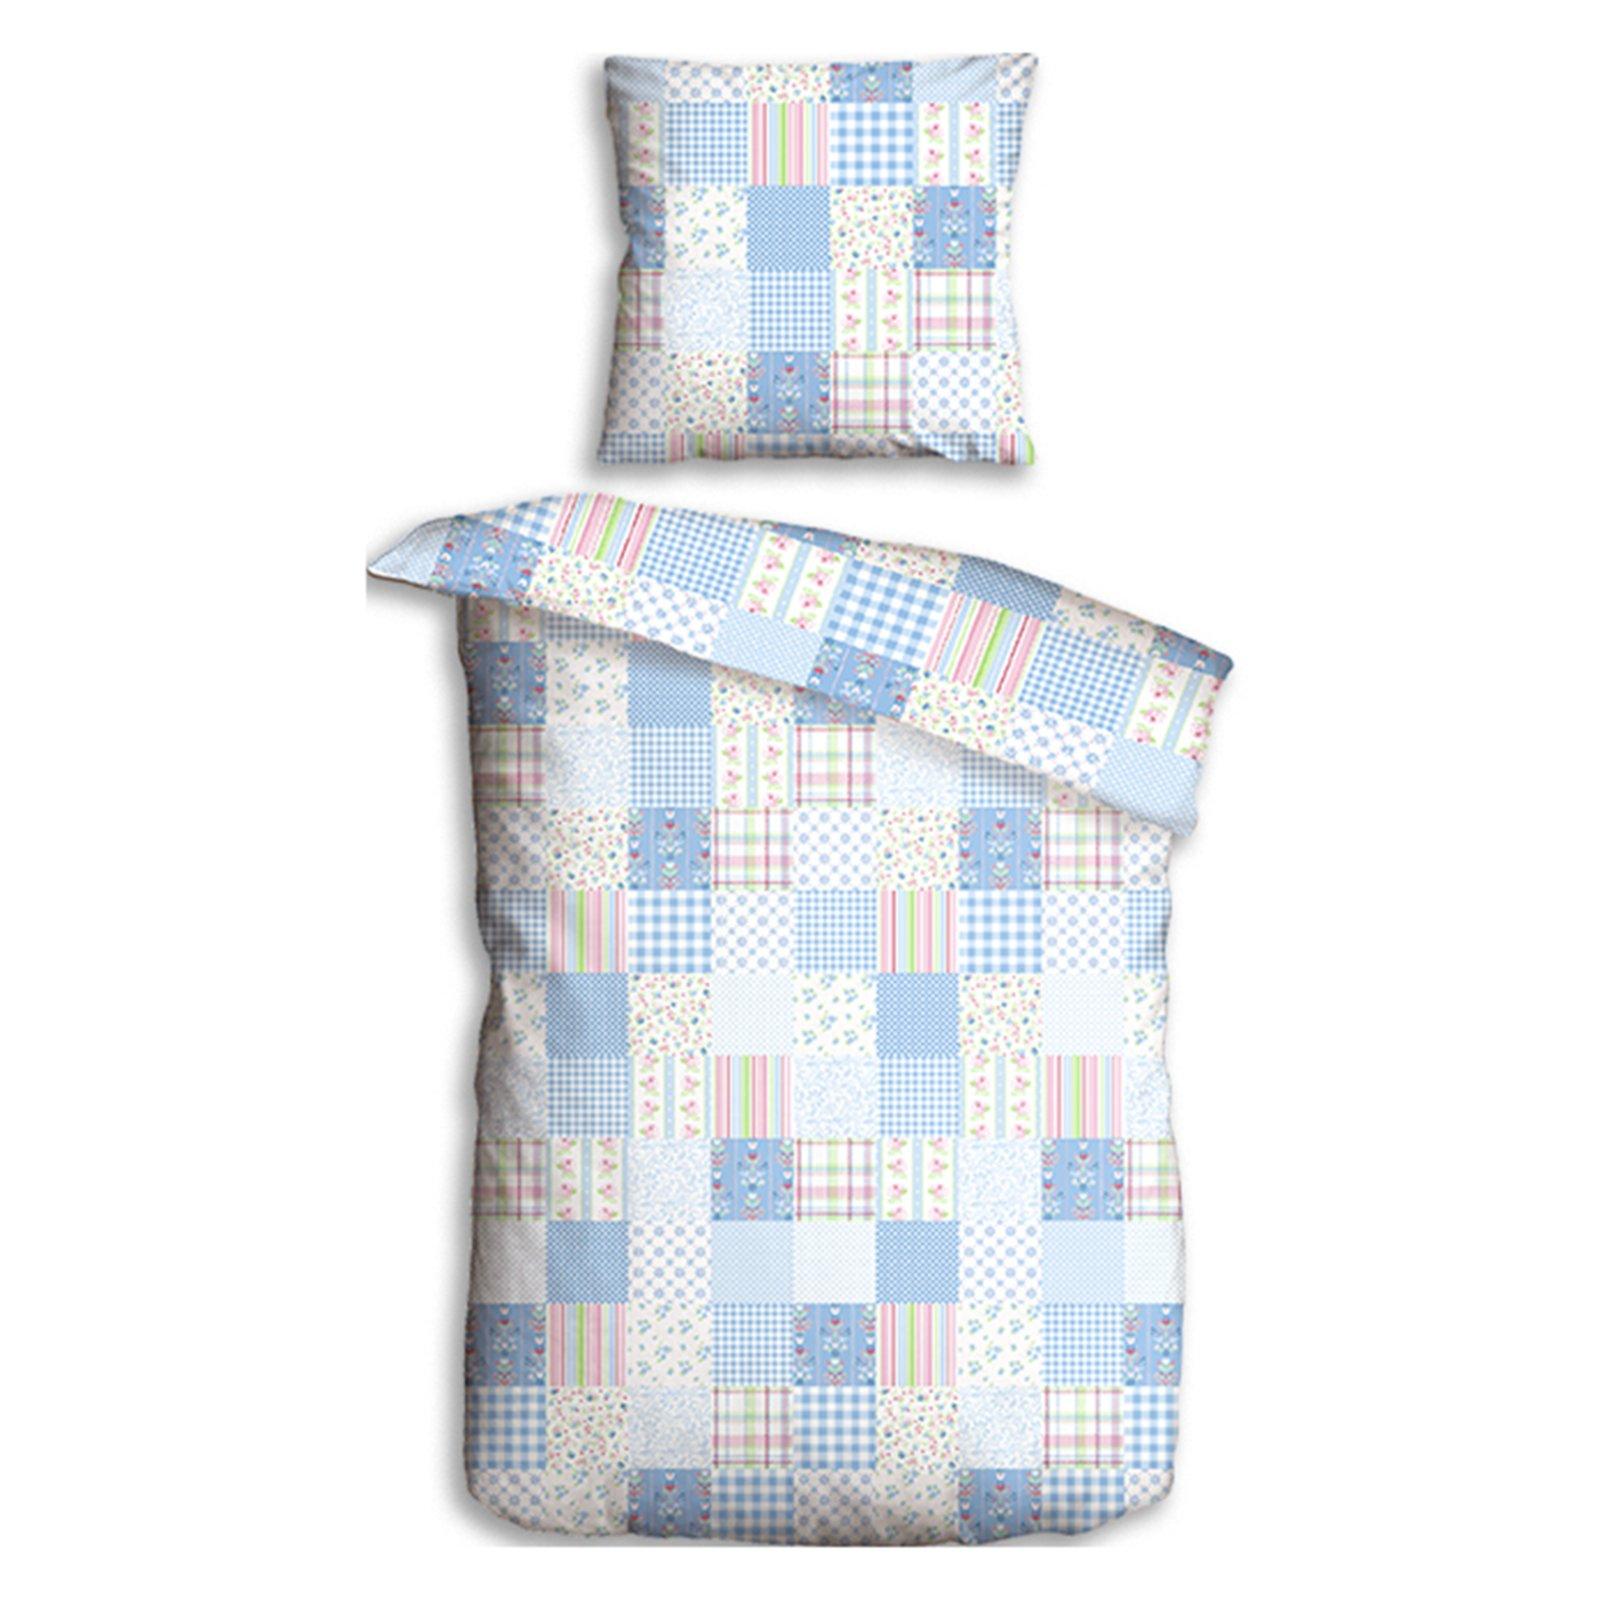 microfaser bettw sche viktoria hellblau 135x200 cm. Black Bedroom Furniture Sets. Home Design Ideas